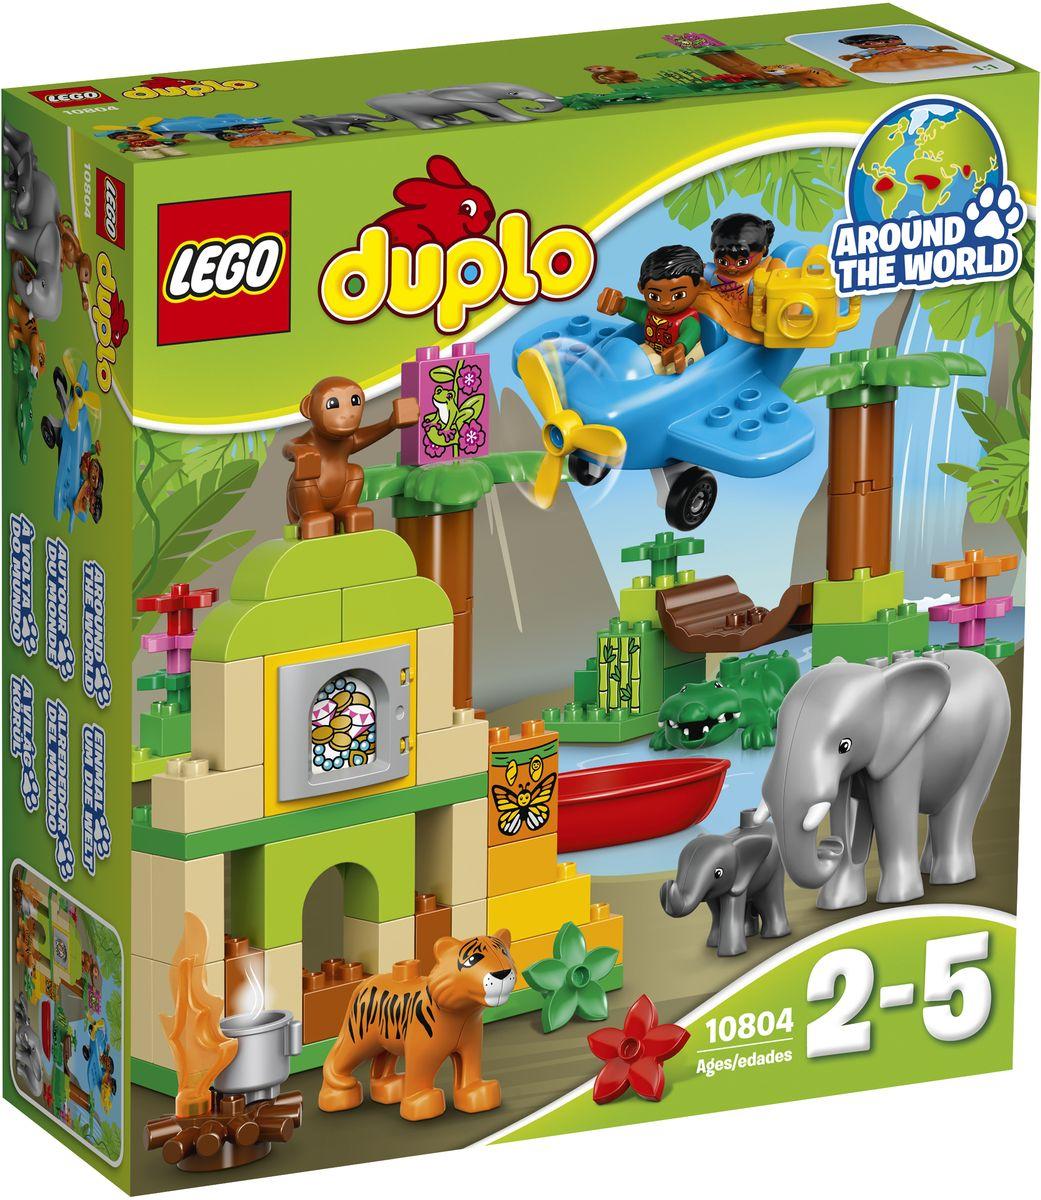 LEGO DUPLO Конструктор Вокруг света Азия 1080410804Конструктор LEGO DUPLO Вокруг света: Азия предлагает много способов игры и обучения для маленьких искателей приключений, будь то поиски сокровища в руинах, создание собственных историй о животных, фотографирование камерой, полёт в самолете с вращающимся винтом или сам процесс сборки, который неизменно приносит детям радость! В набор также входят 7 мини-фигурок: папа и ребёнок, а также слон и слоненок, тигр, обезьяна и крокодил. В процессе игры с конструкторами LEGO дети приобретают и постигают такие необходимые навыки как познание, творчество, воображение. Обычные наблюдения за детьми показывают, что единственное, чему они с удовольствием посвящают время, - это игры. Игра - это состояние души, это веселый опыт познания реальности. Играя, дети создают собственные миры, осваивают их, а познавая - приобретают знания и умения. Фантазия ребенка безгранична, беря свое начало в детстве, она позволяет ребенку учиться представлять в уме, она помогает ему...